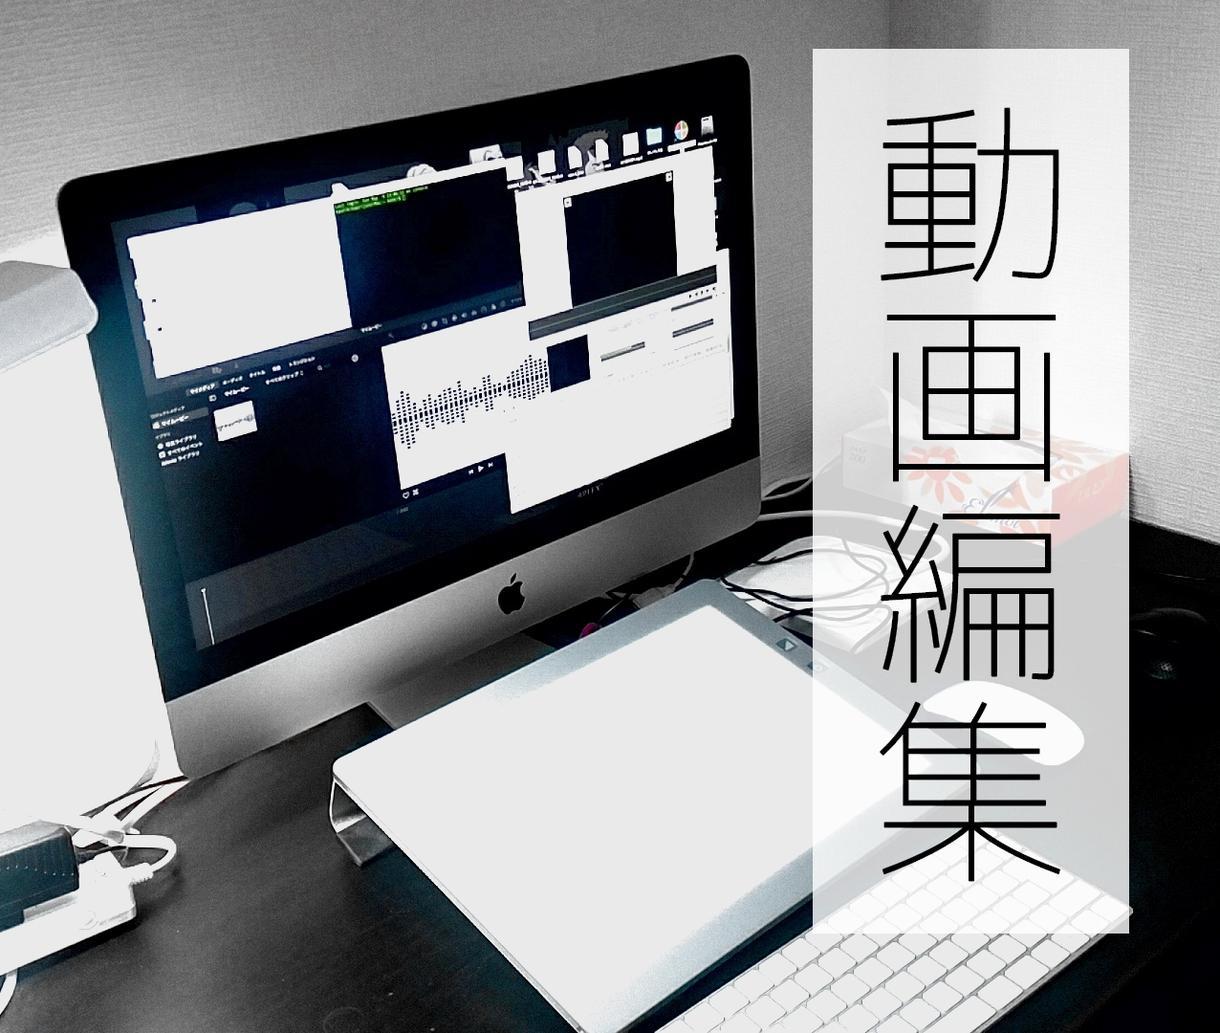 高品質な動画編集します 動画の質は編集の質で変わります。